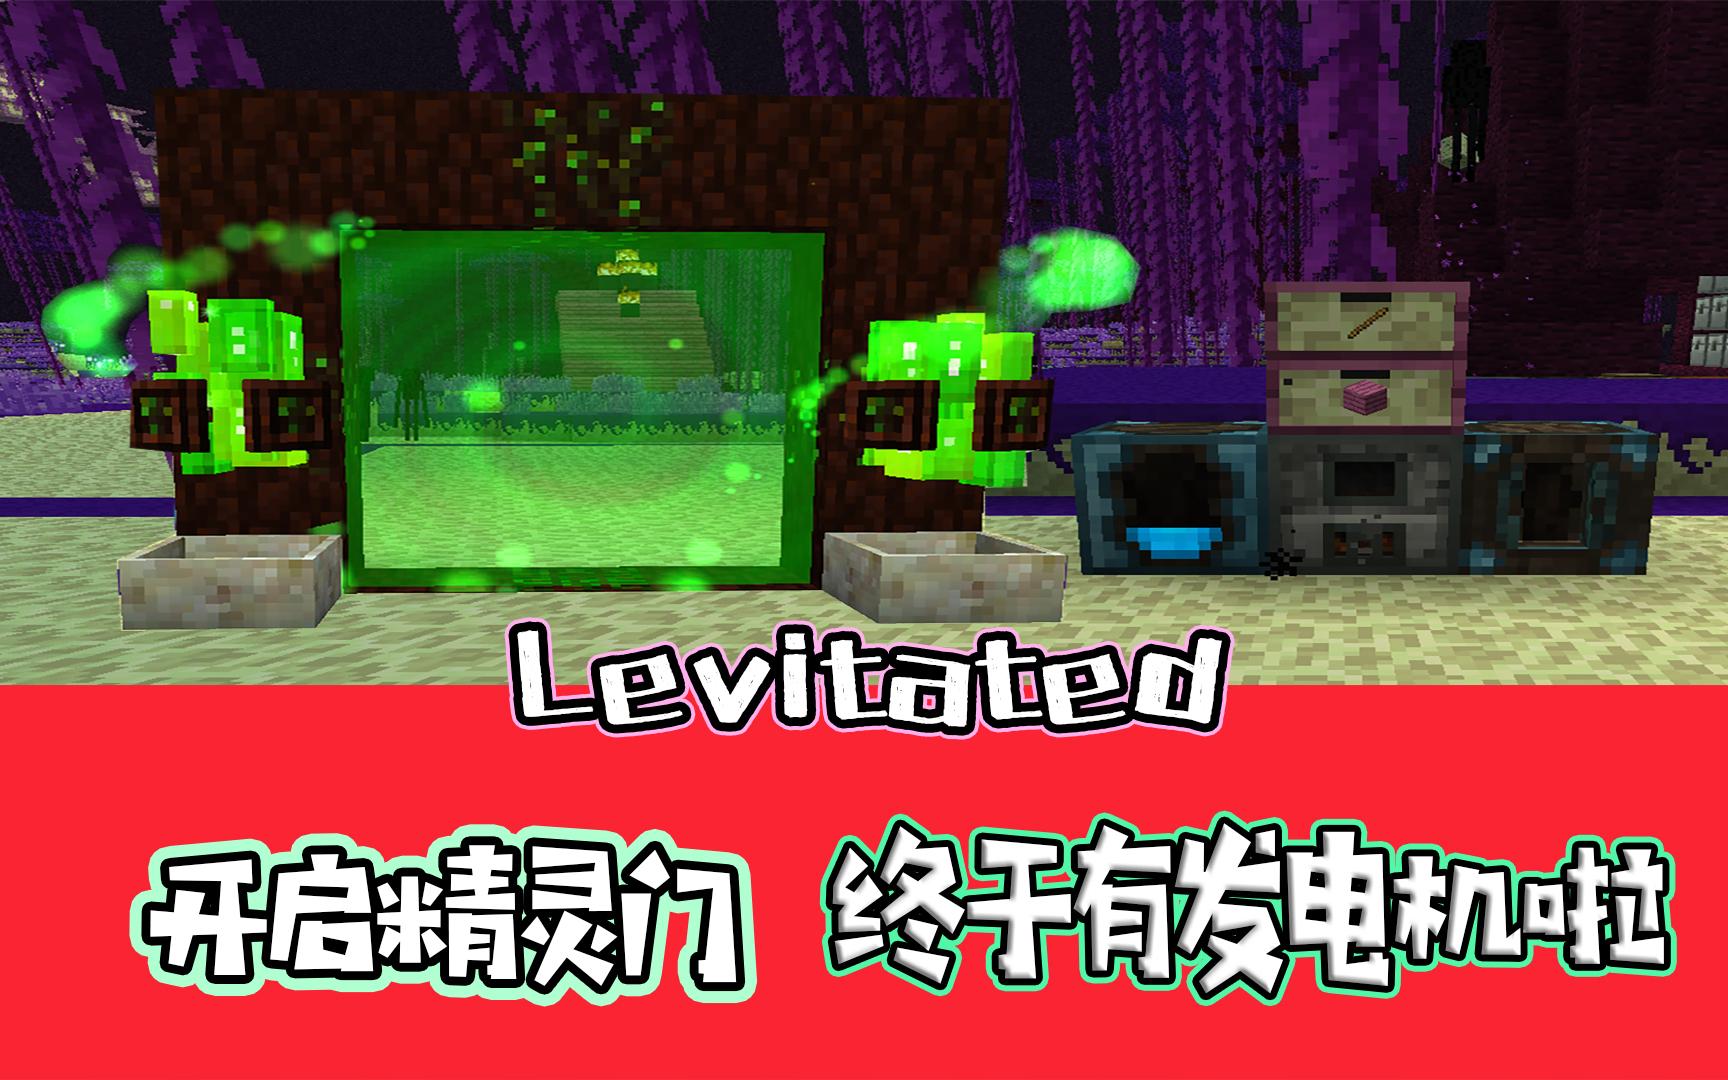 [Levitated失重]开启了精灵门可发电啦【小护解说】【我的世界】